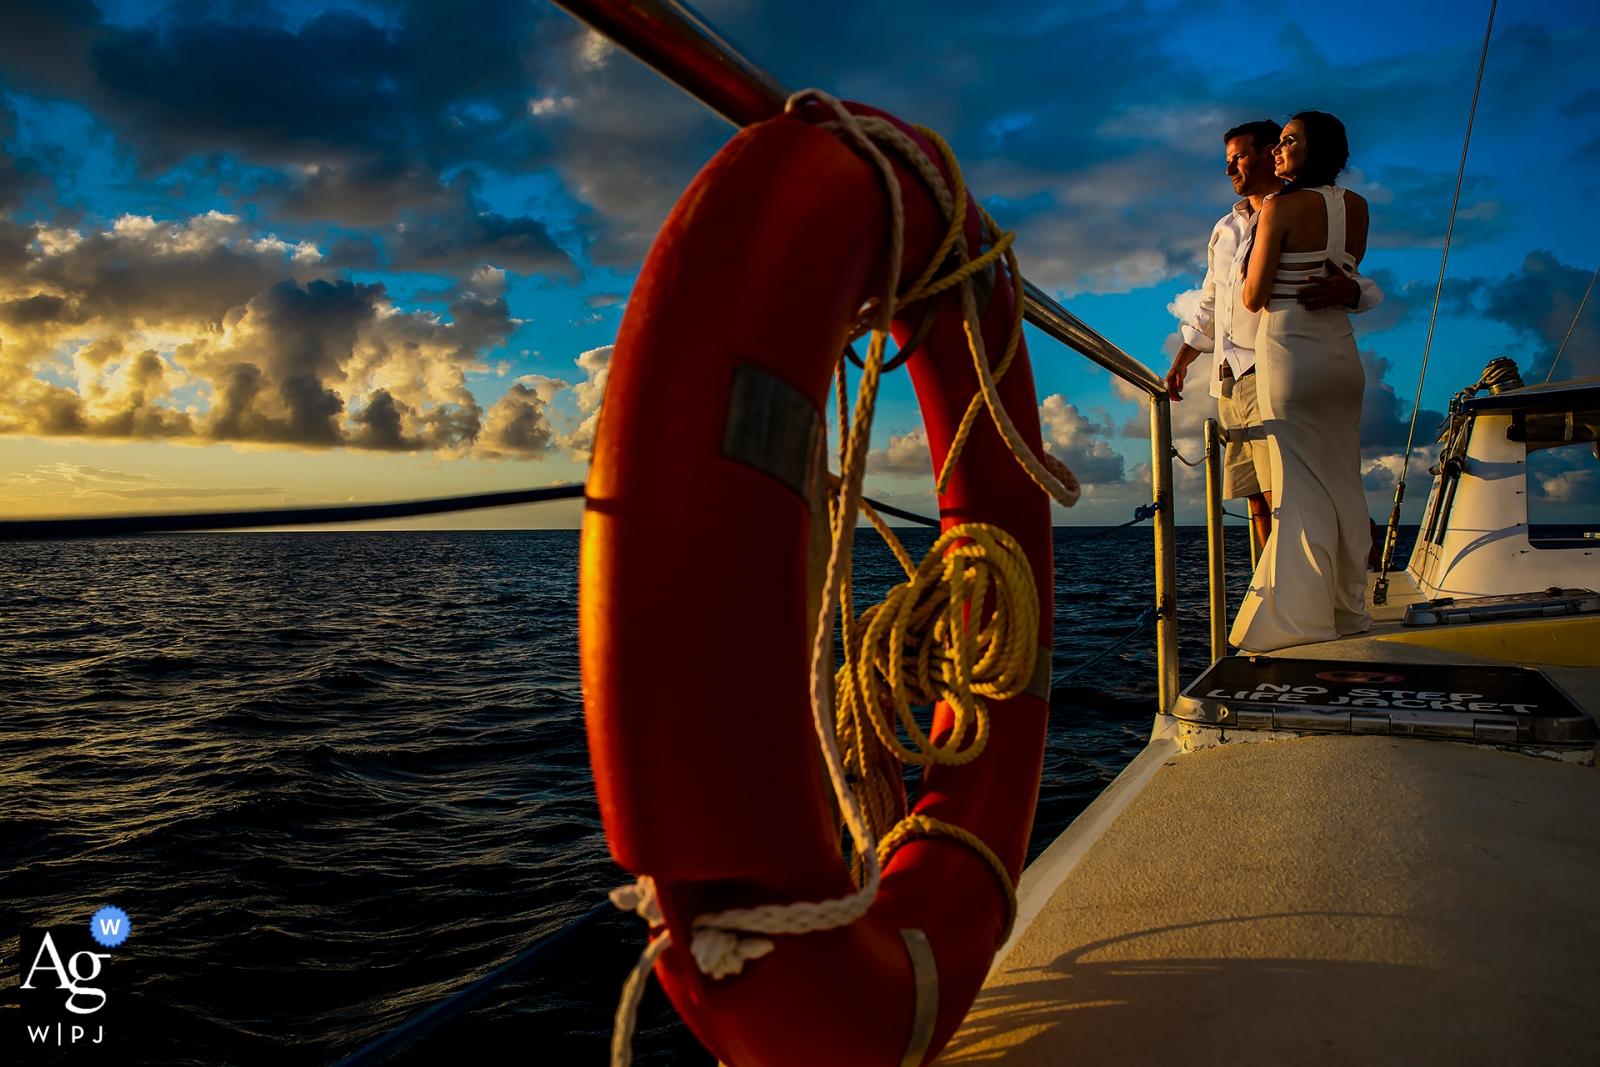 Sandals Grande St. Lucian, portrait de mariage des mariés sur une croisière au coucher du soleil